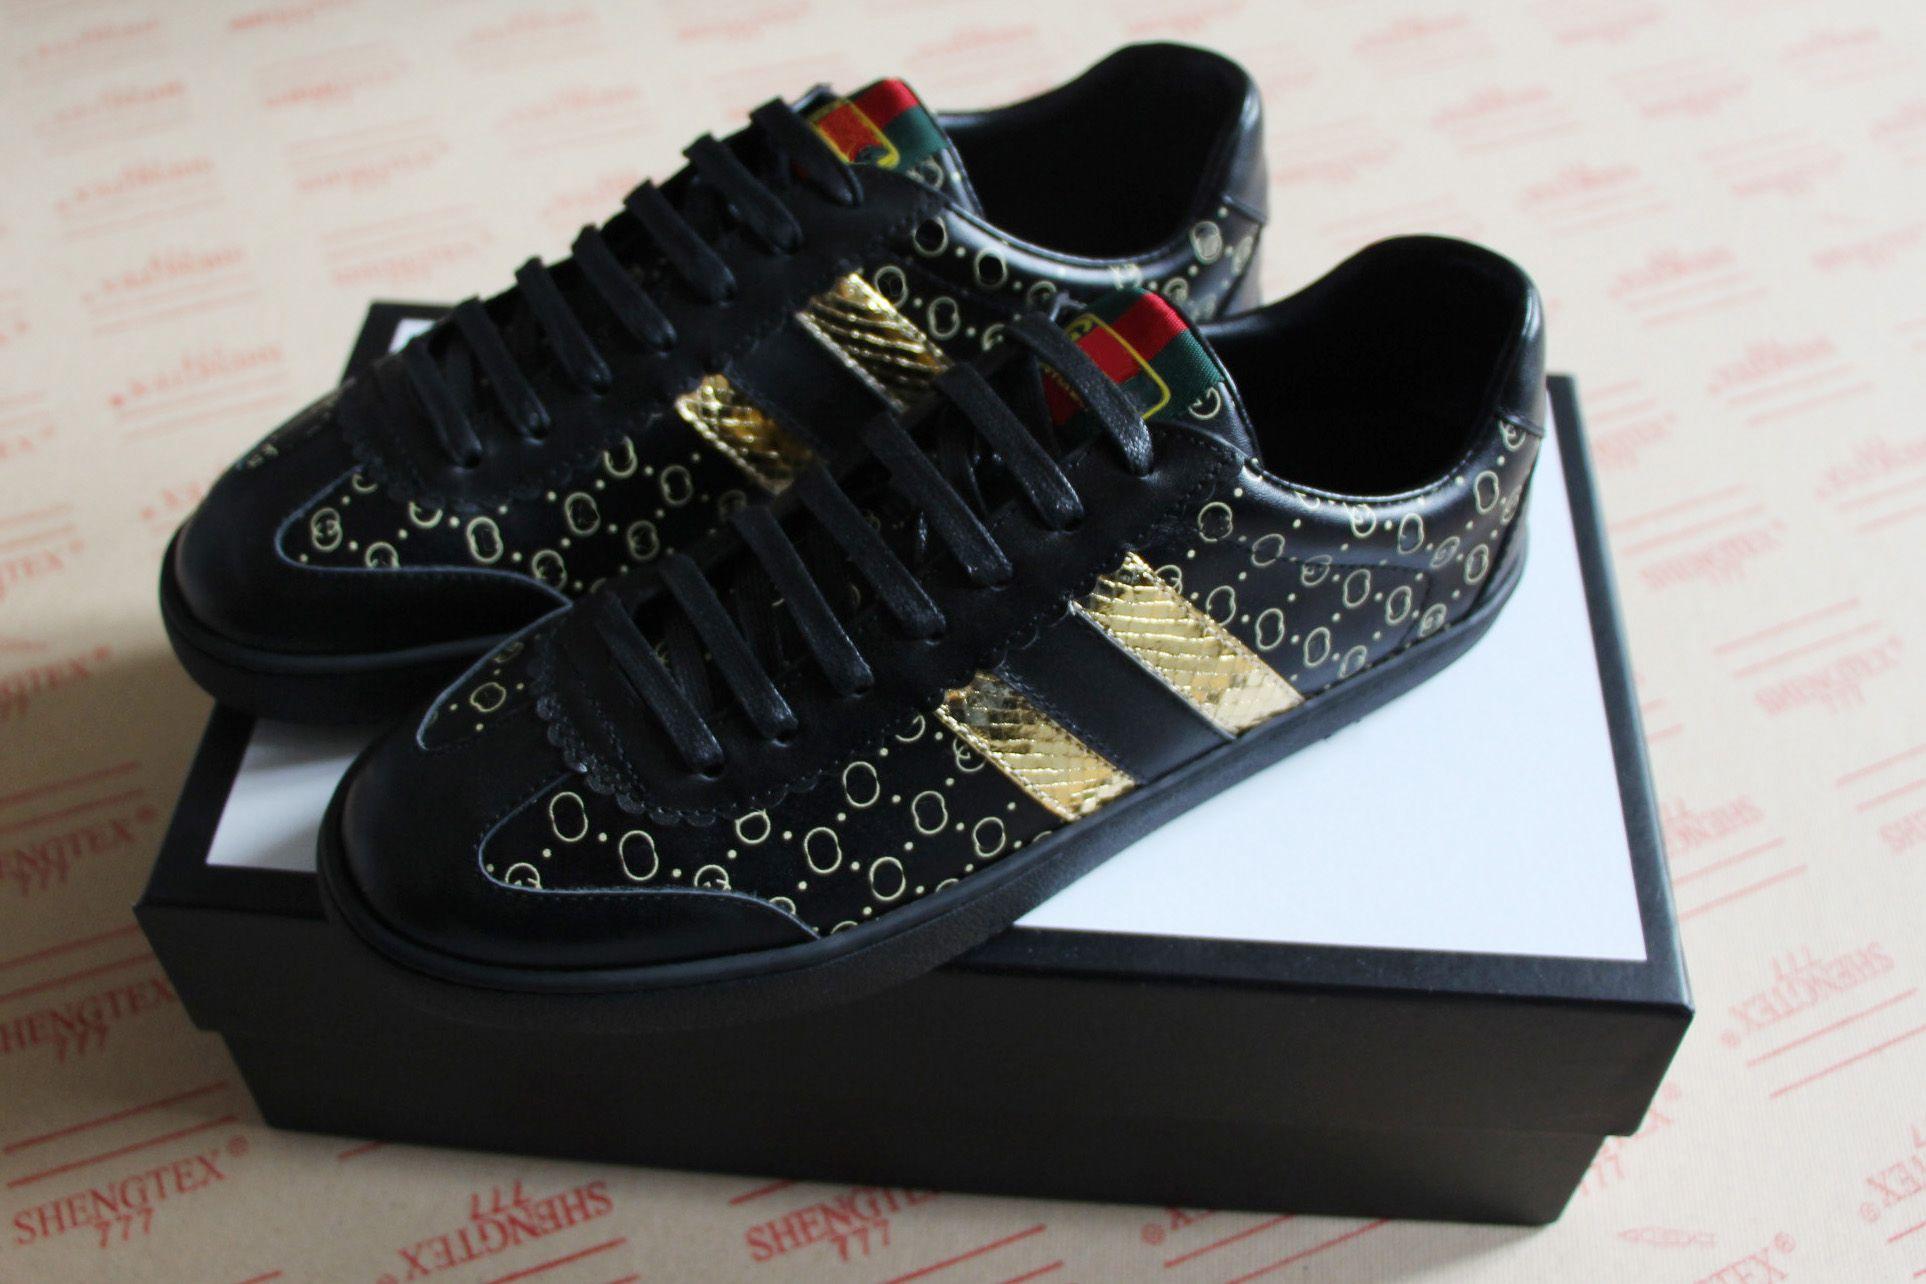 4b61998c2 Compre Novo Homem Sapatos De Grife De Luxo Dapper Moda De Alta Qualidade  Novo Estilo Dan Casual Ace Sneaker Para As Mulheres Tamanho Grande 35 46 De  ...